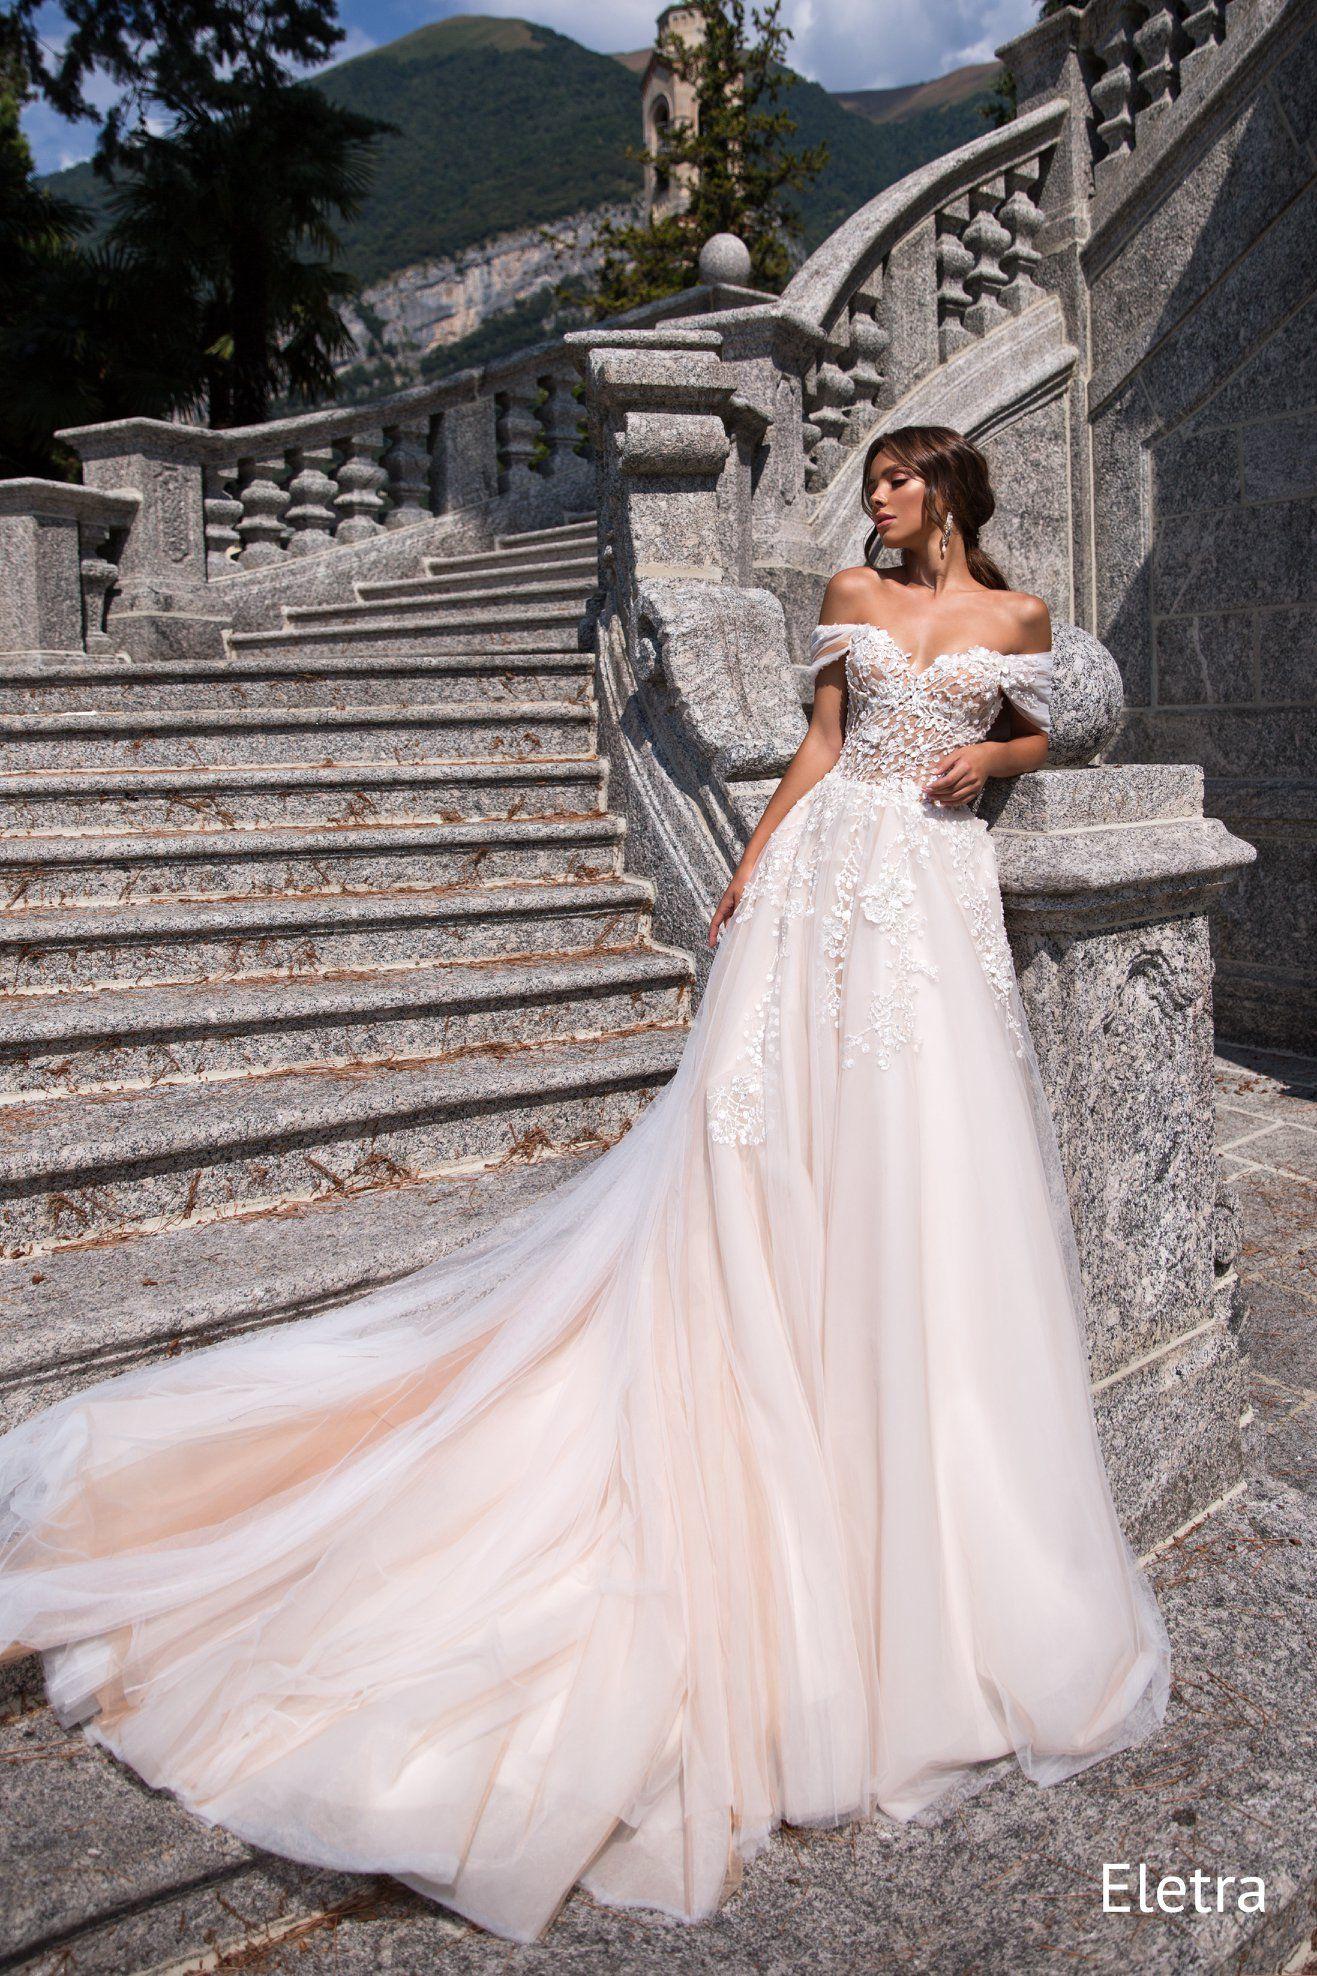 Giovanna Alessandro Eletra Abiti Abiti Da Sposa Abito Da Sposa Economico